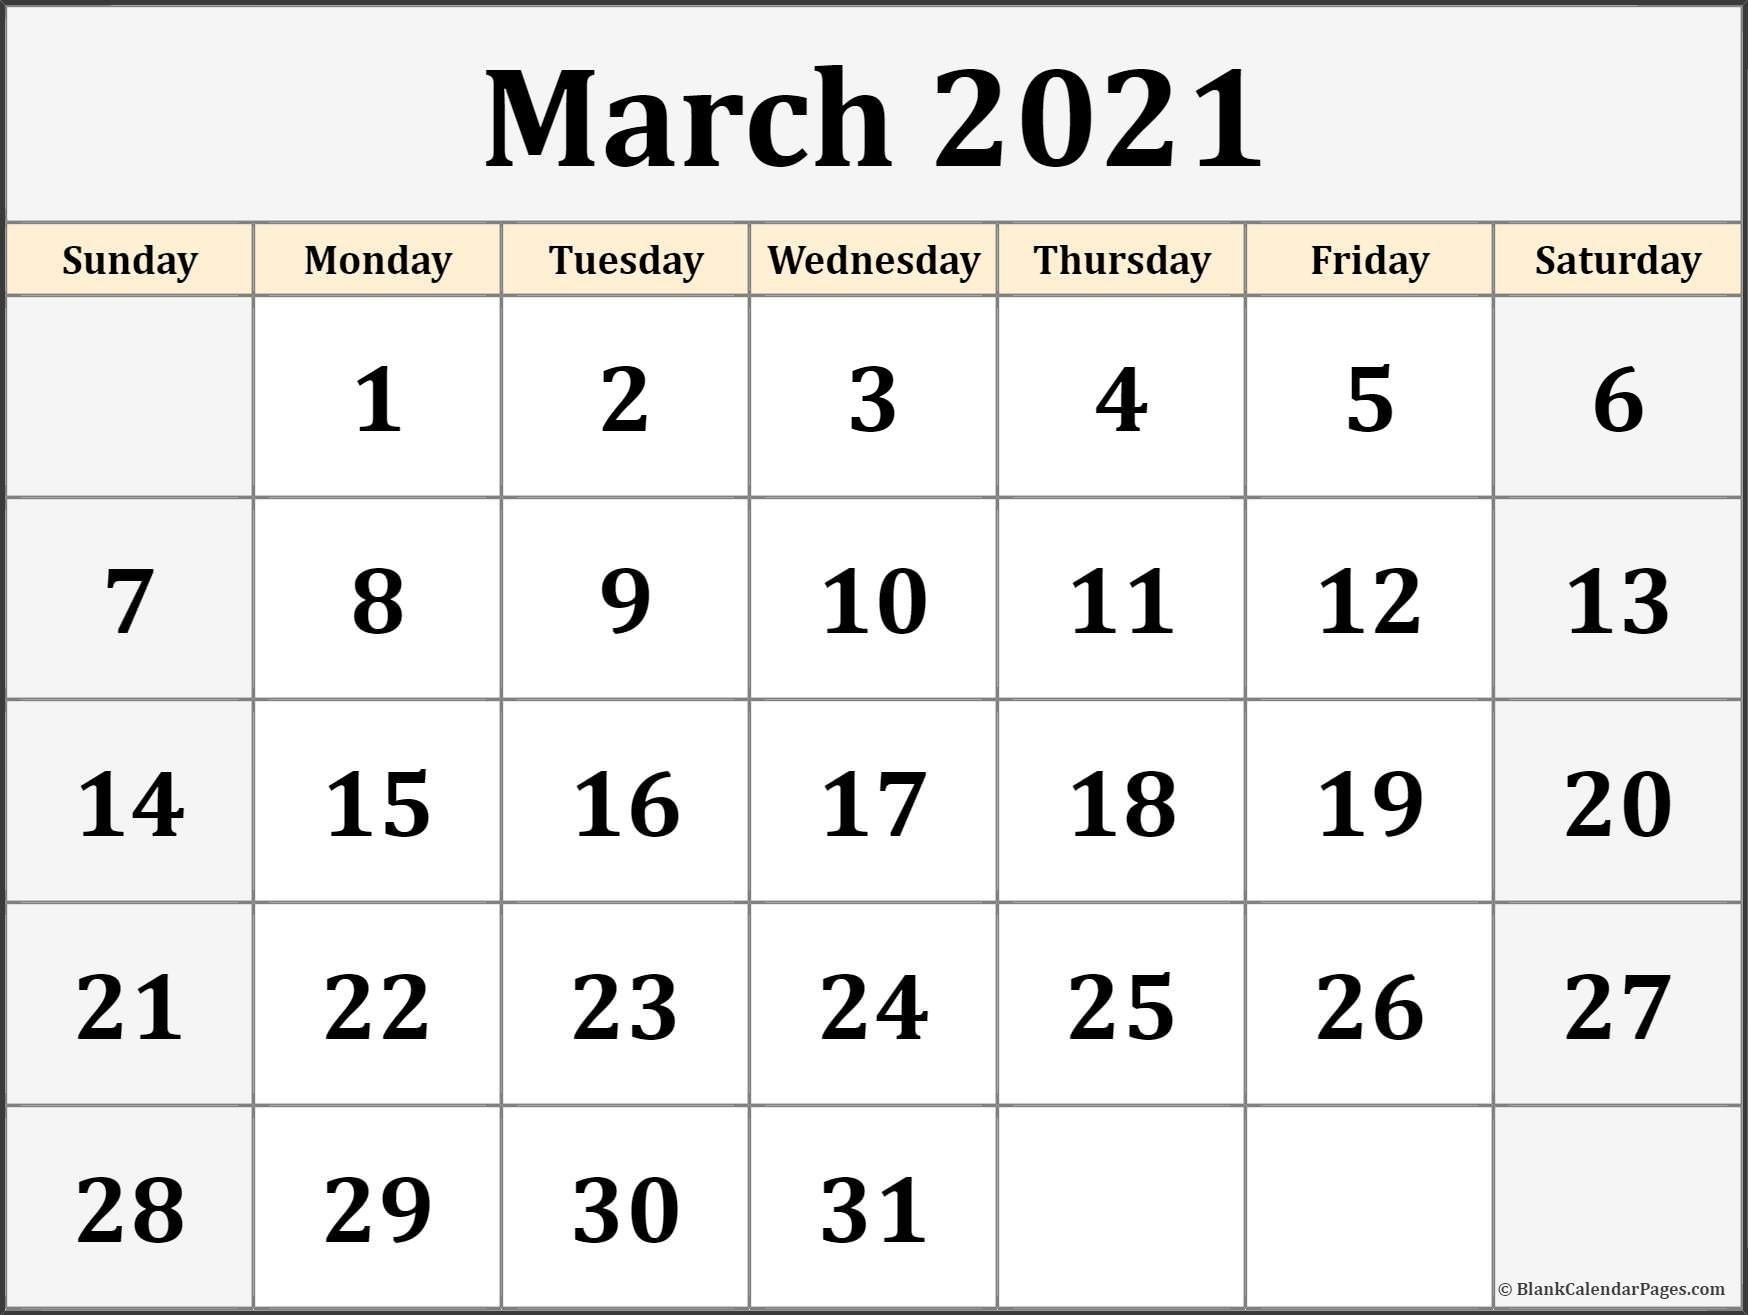 March 2021 Calendar | Free Printable Calendar Templates